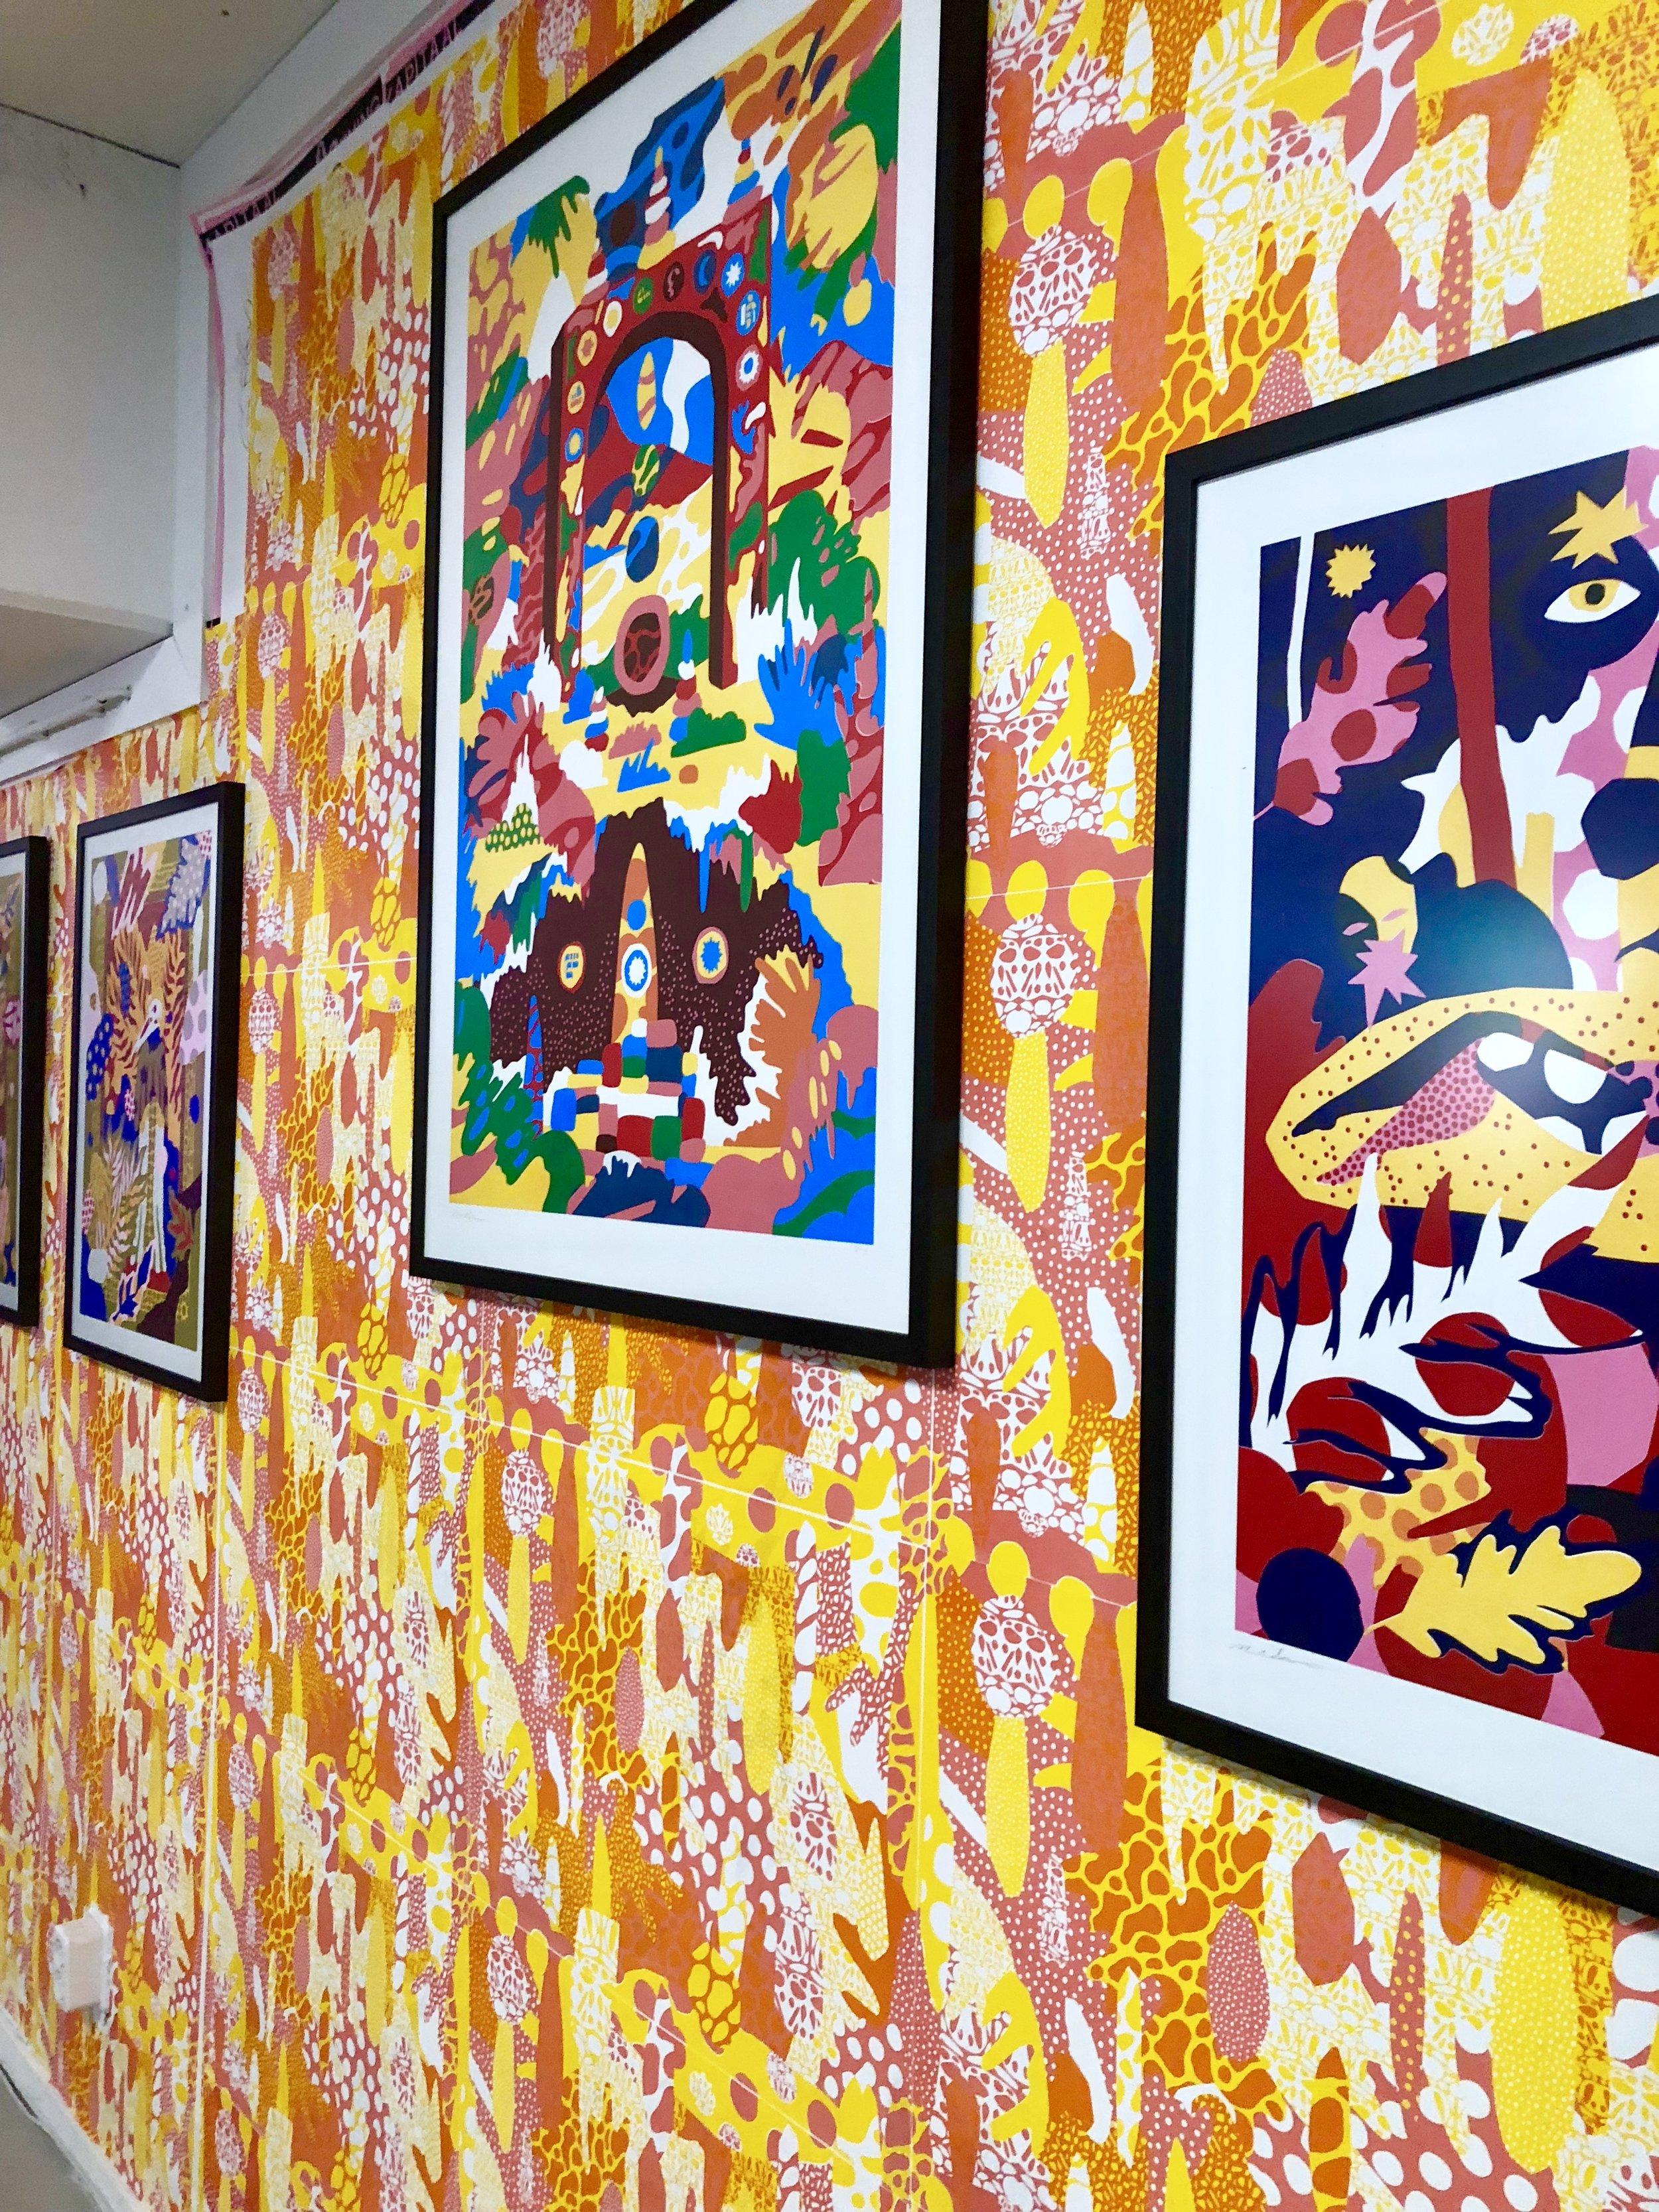 Nick's Work in print studio Kapitaal, Utrecht